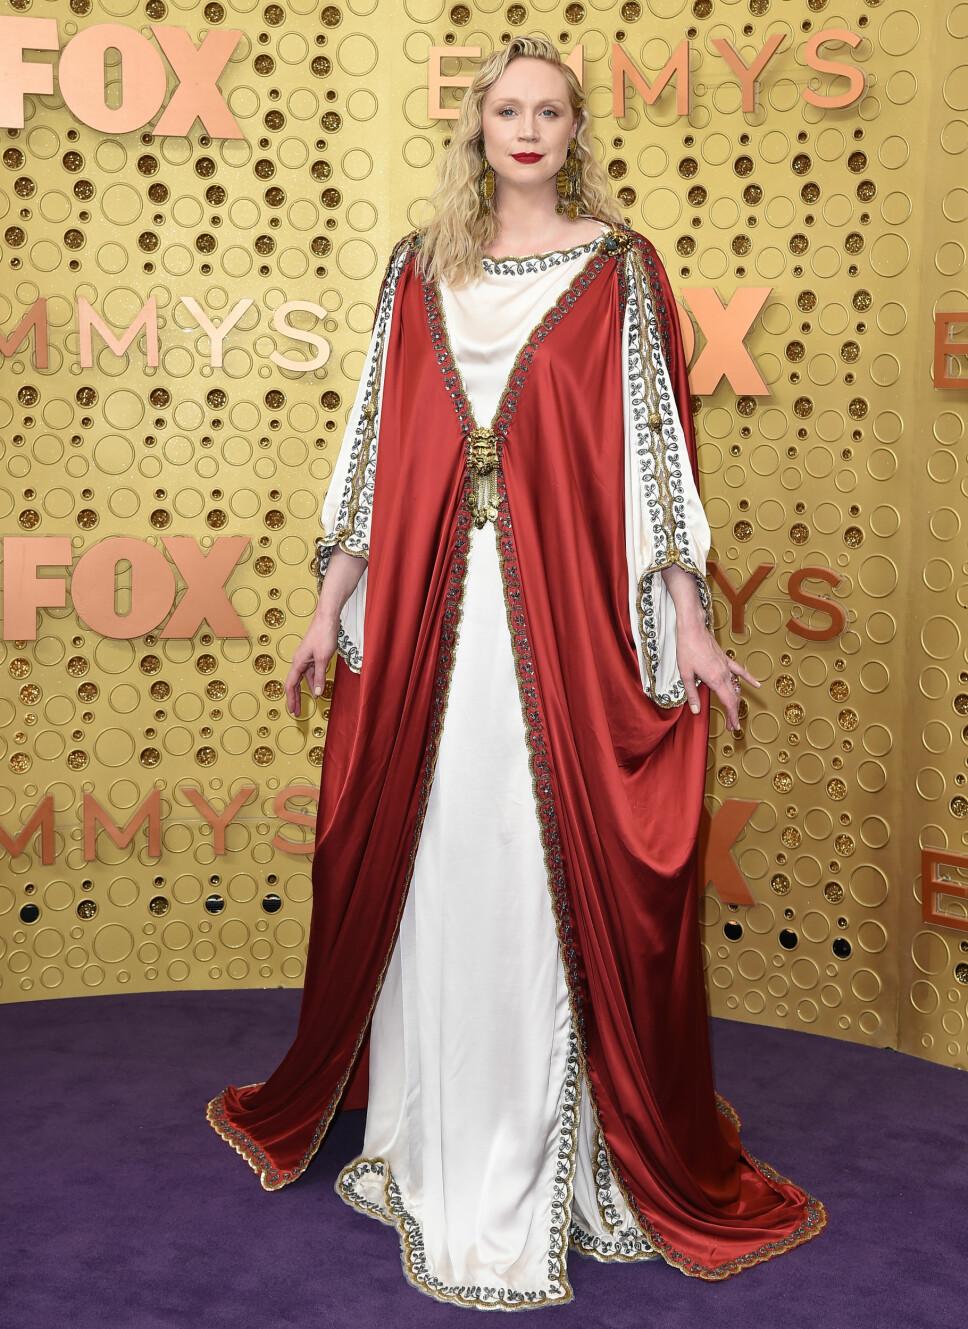 KONGELIG: Skuespiller Gwendolyn Christie så nærmest kongelig ut i denne kreasjonen fra Gucci.